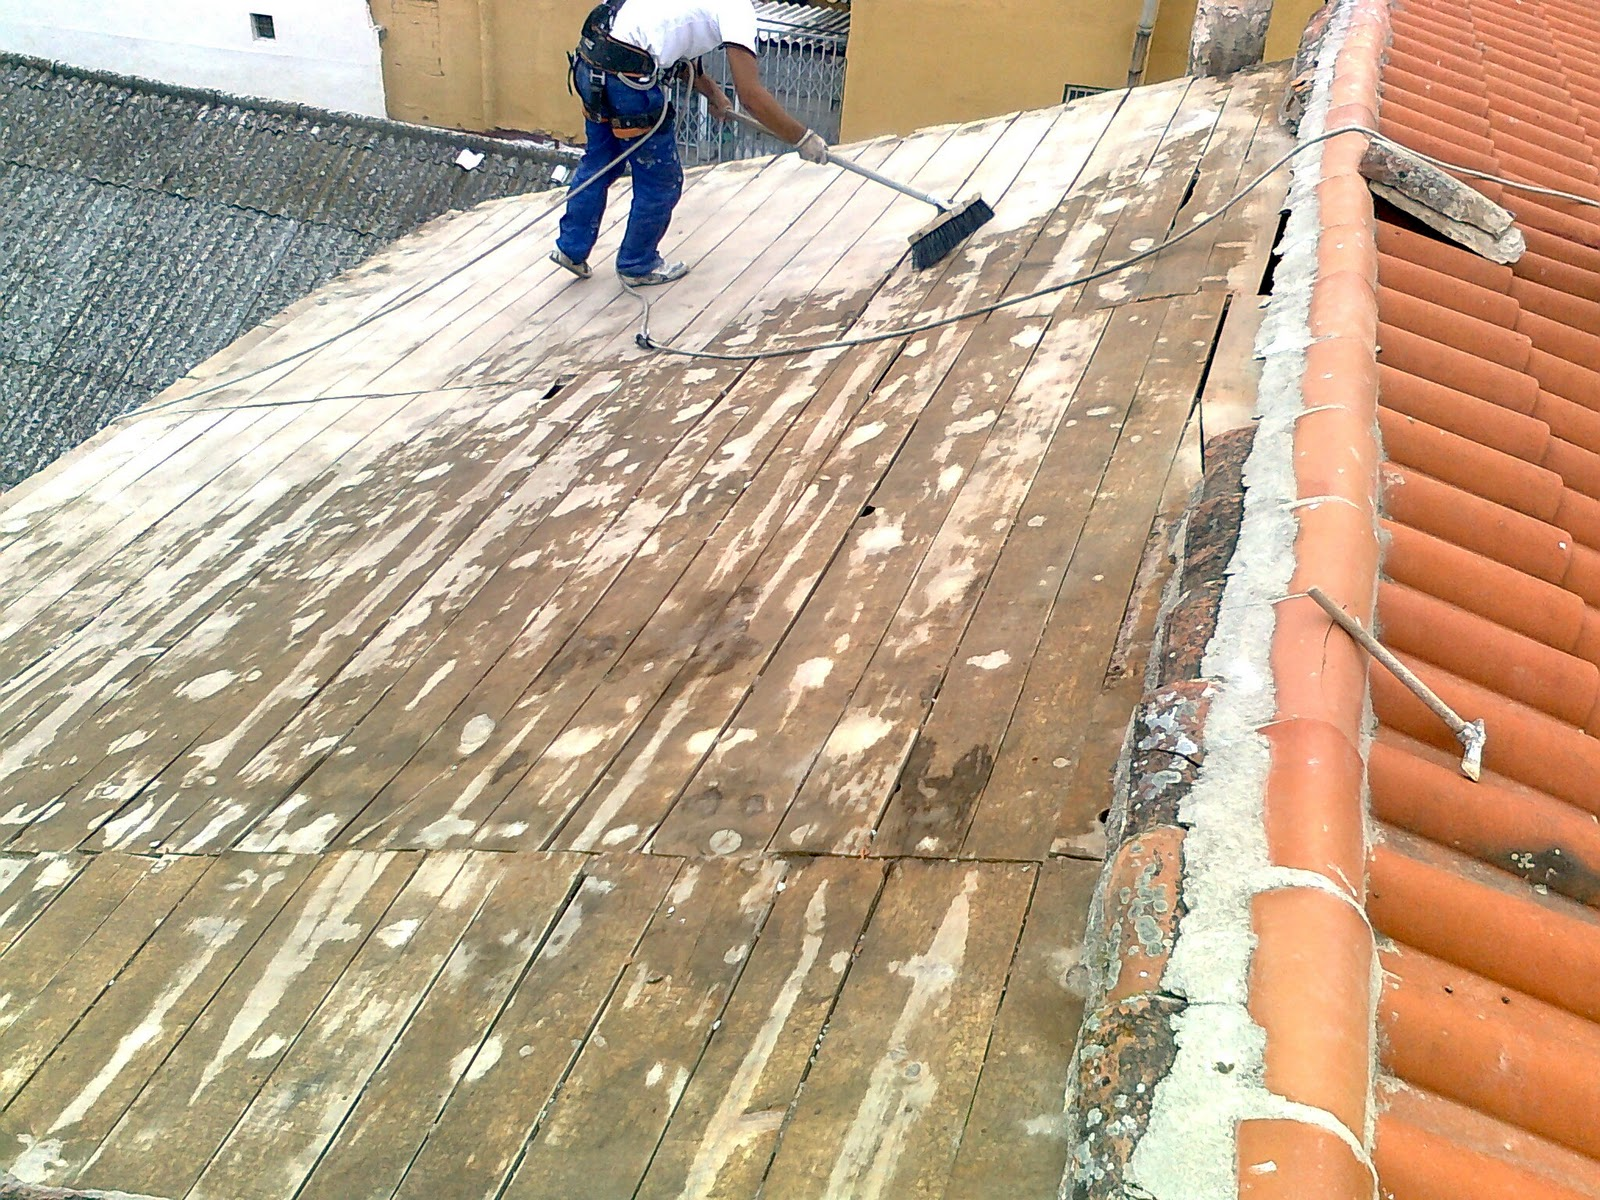 Incidencias en cubiertas y tejados de naves industriales for Tejado de madera madrid